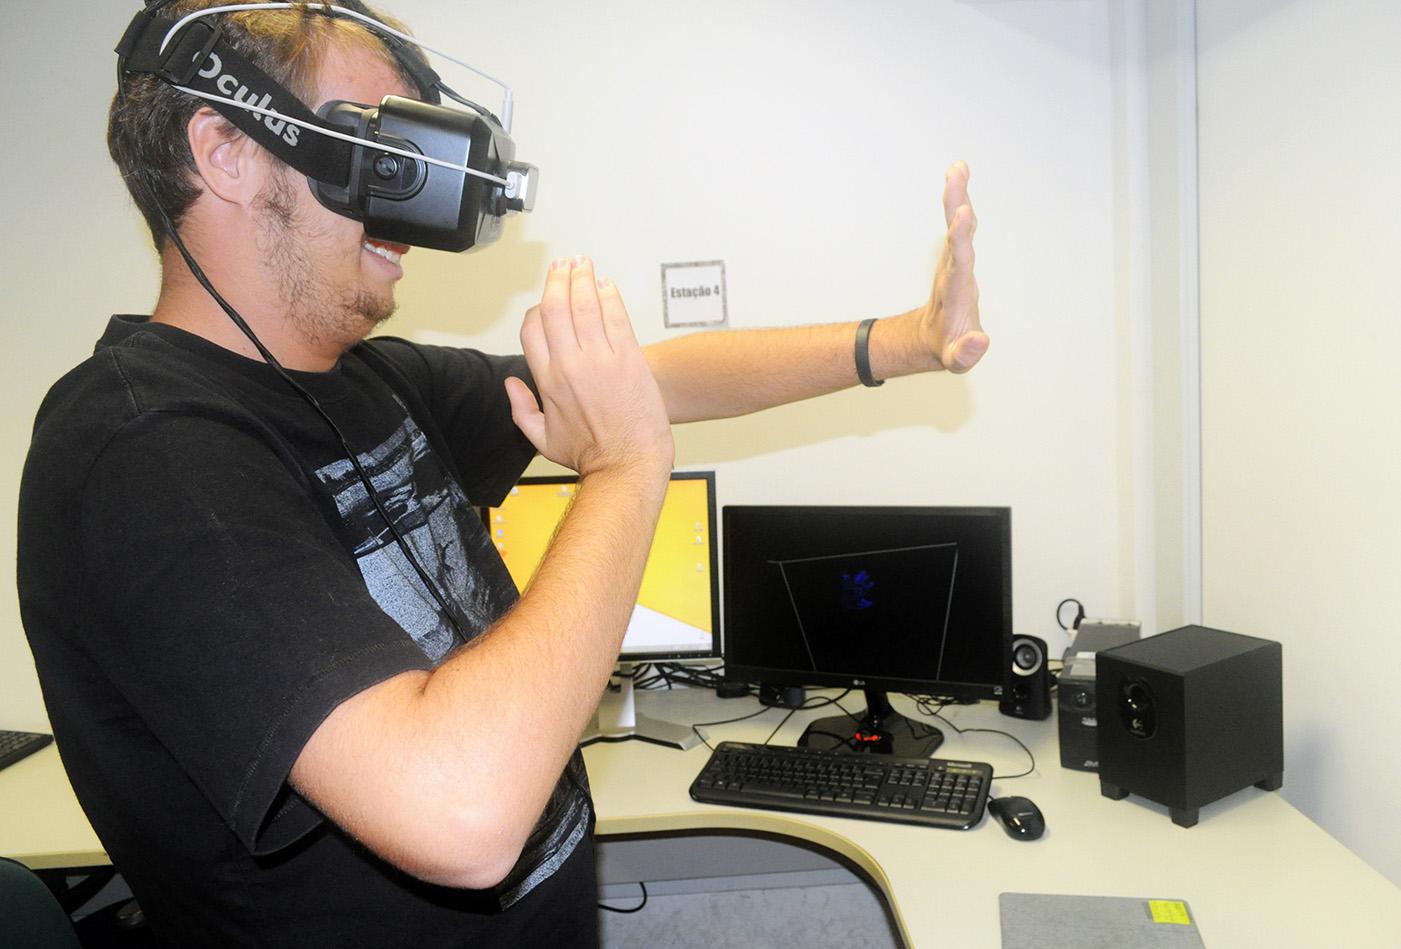 Convidado experimentando o oculos rift do laboratório